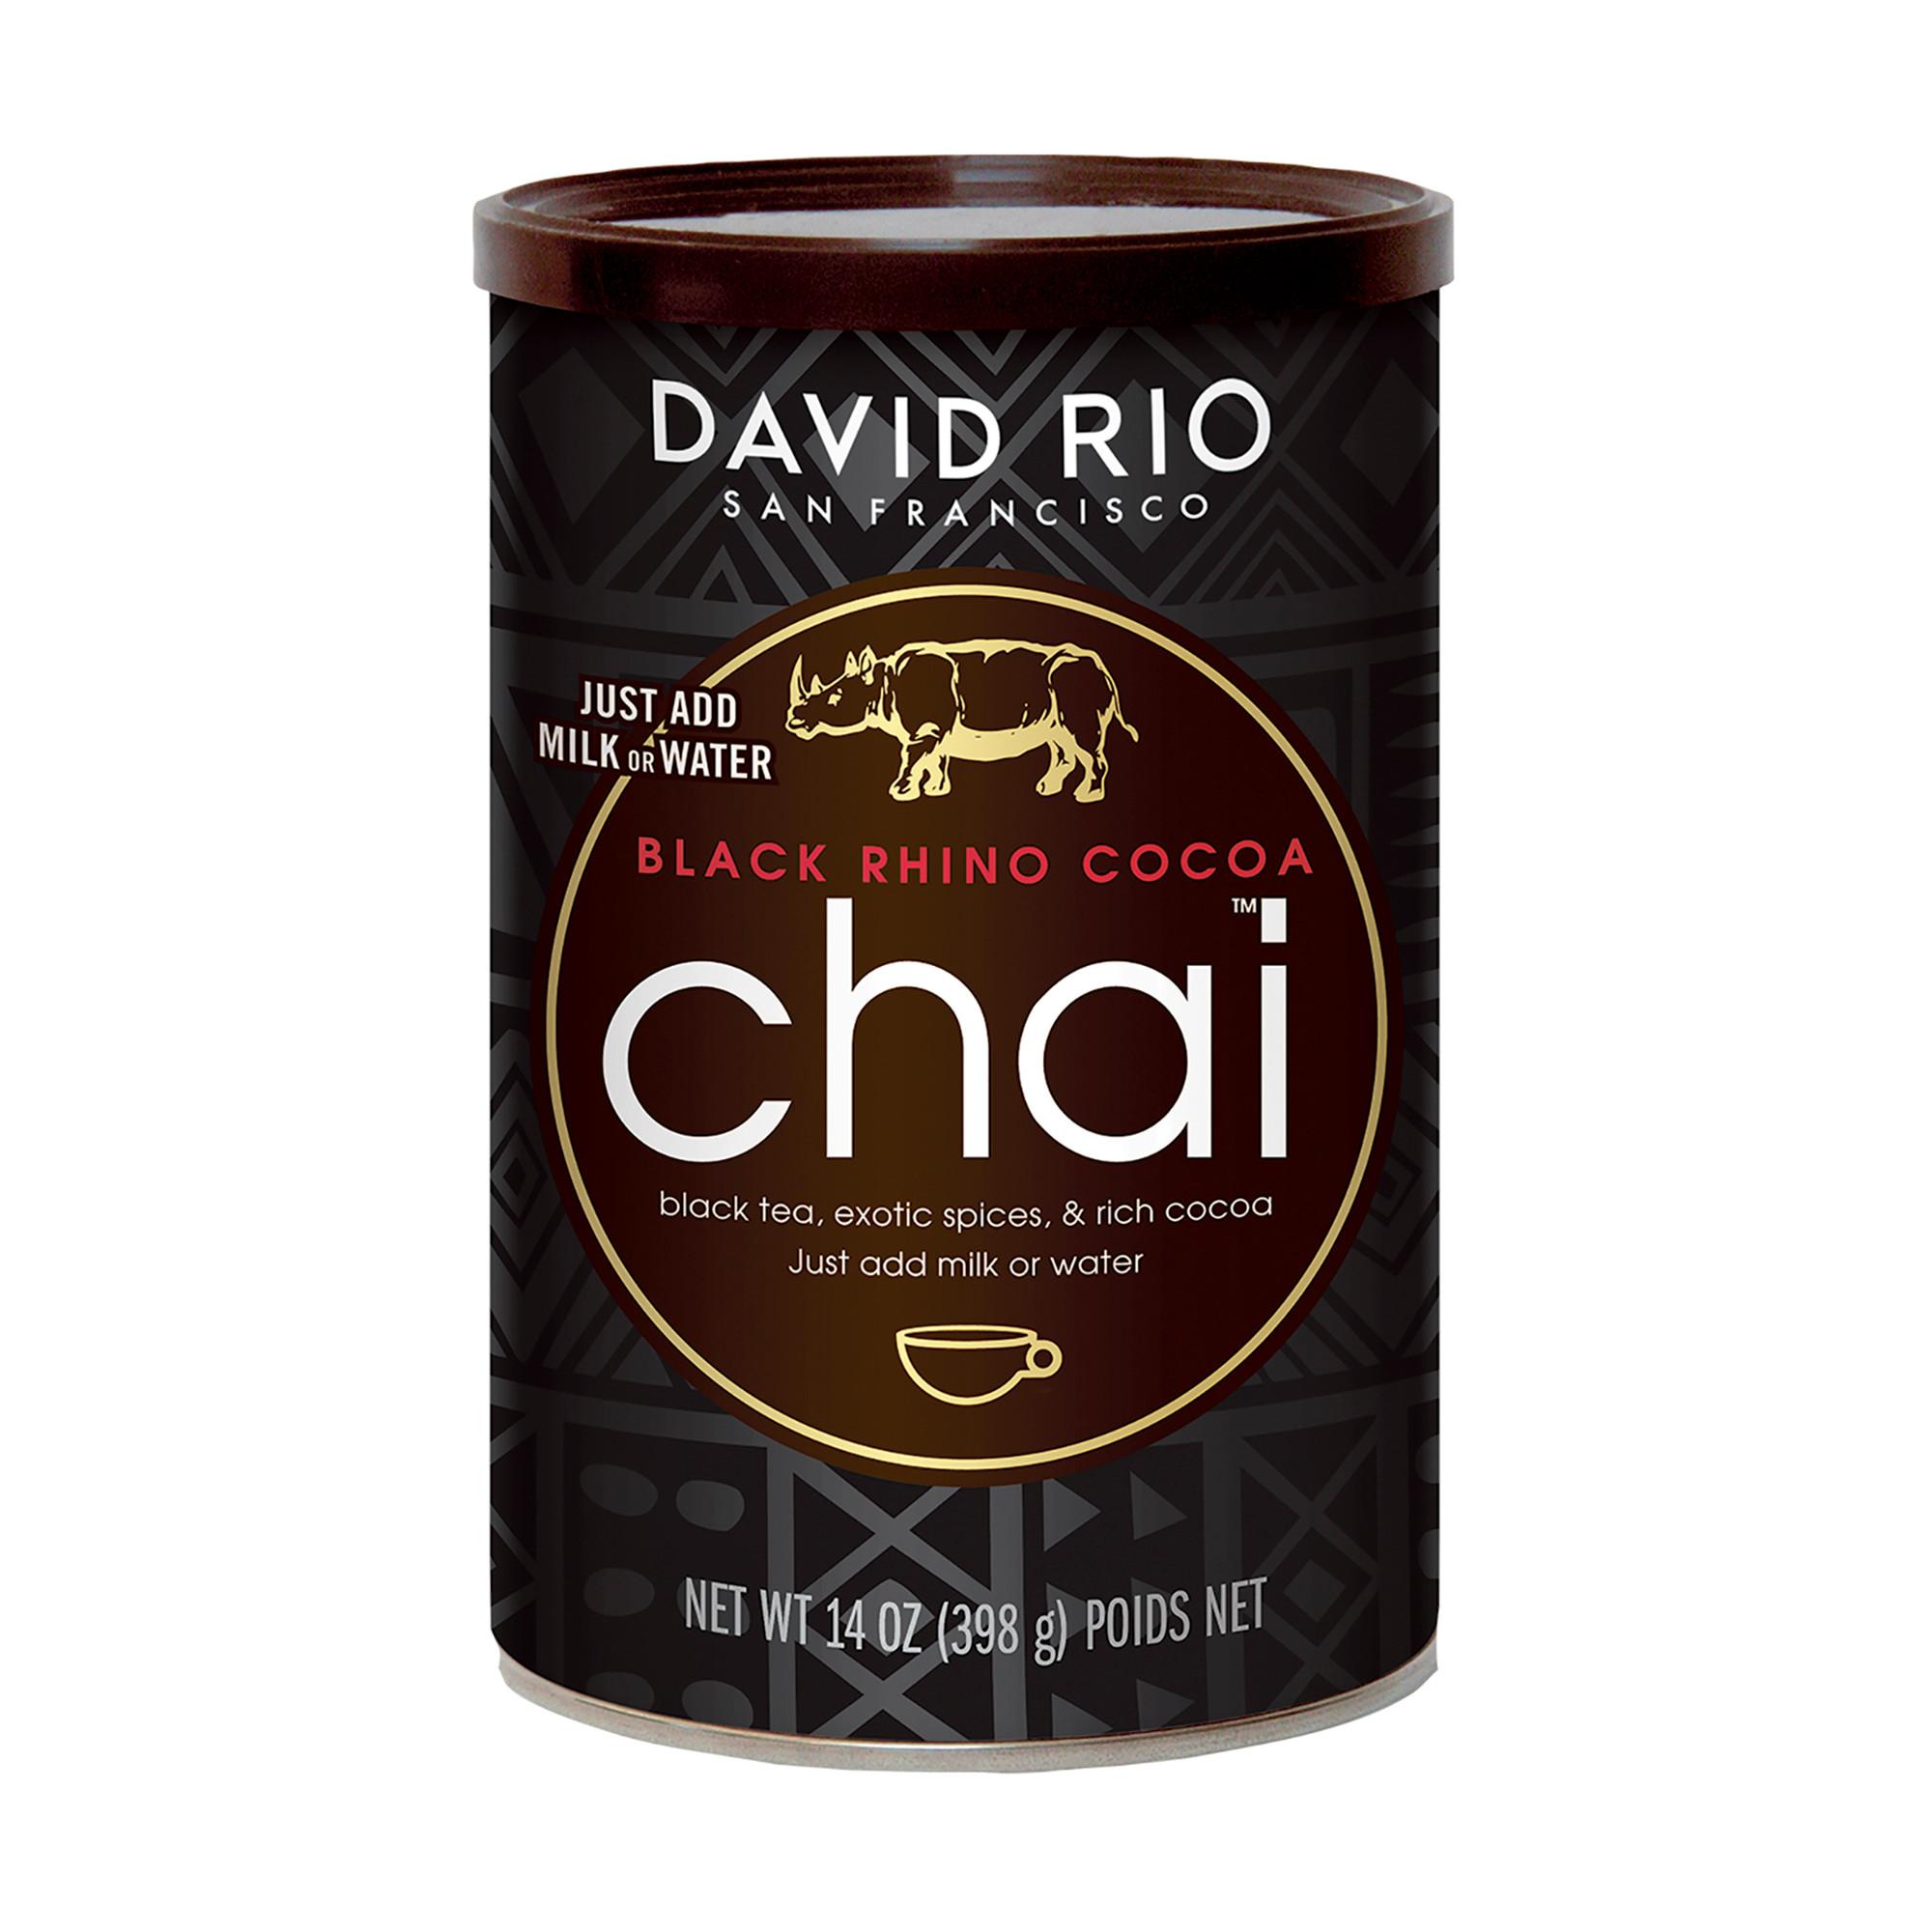 Image of Black Rhino Cocoa Chai, 398 gram